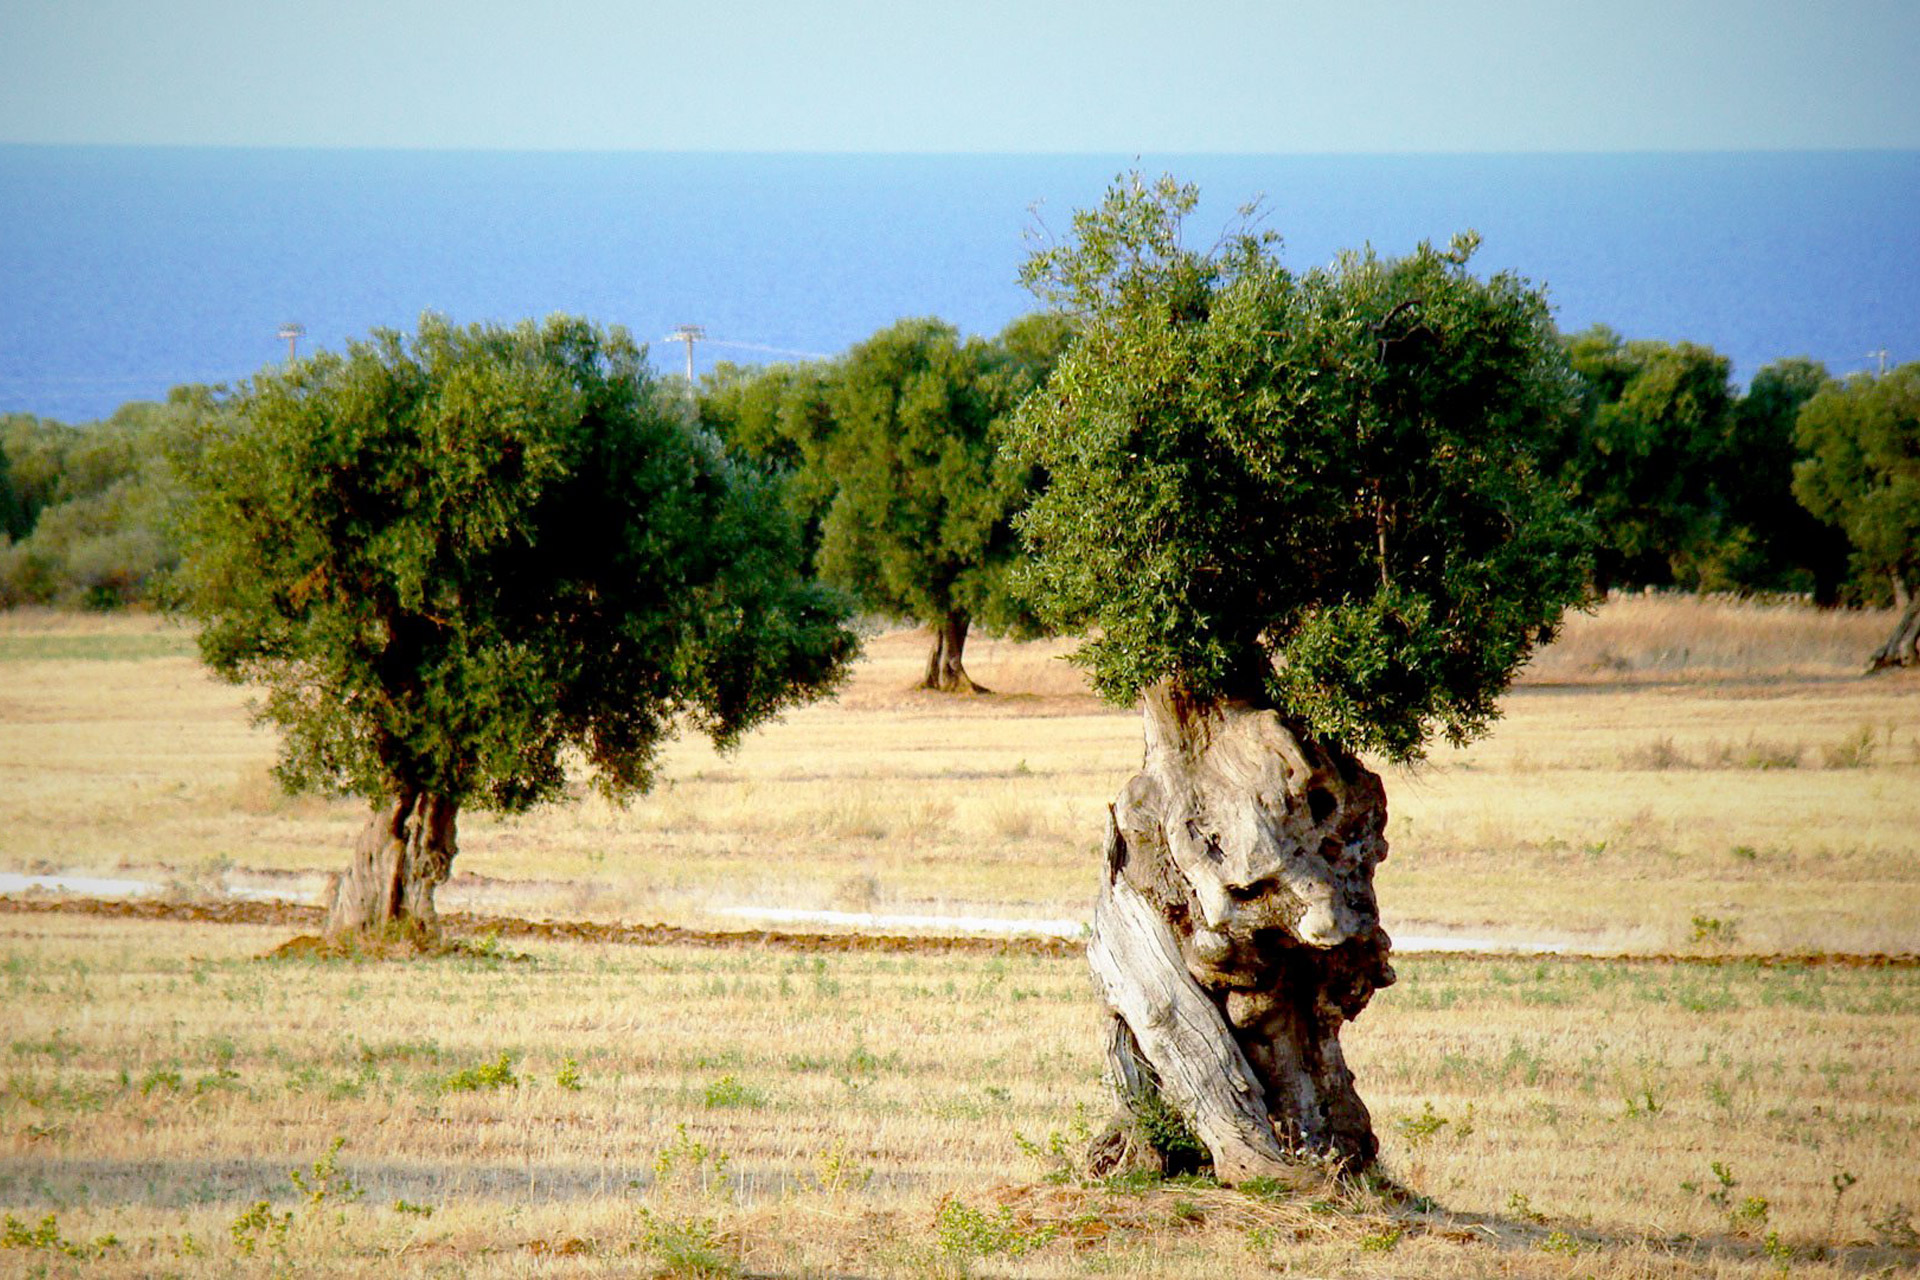 apulia-slow-travel-puglia olive tree-ulivi secolari-jahrhundertalte oliven baeume-seele einer region-century old olive tree